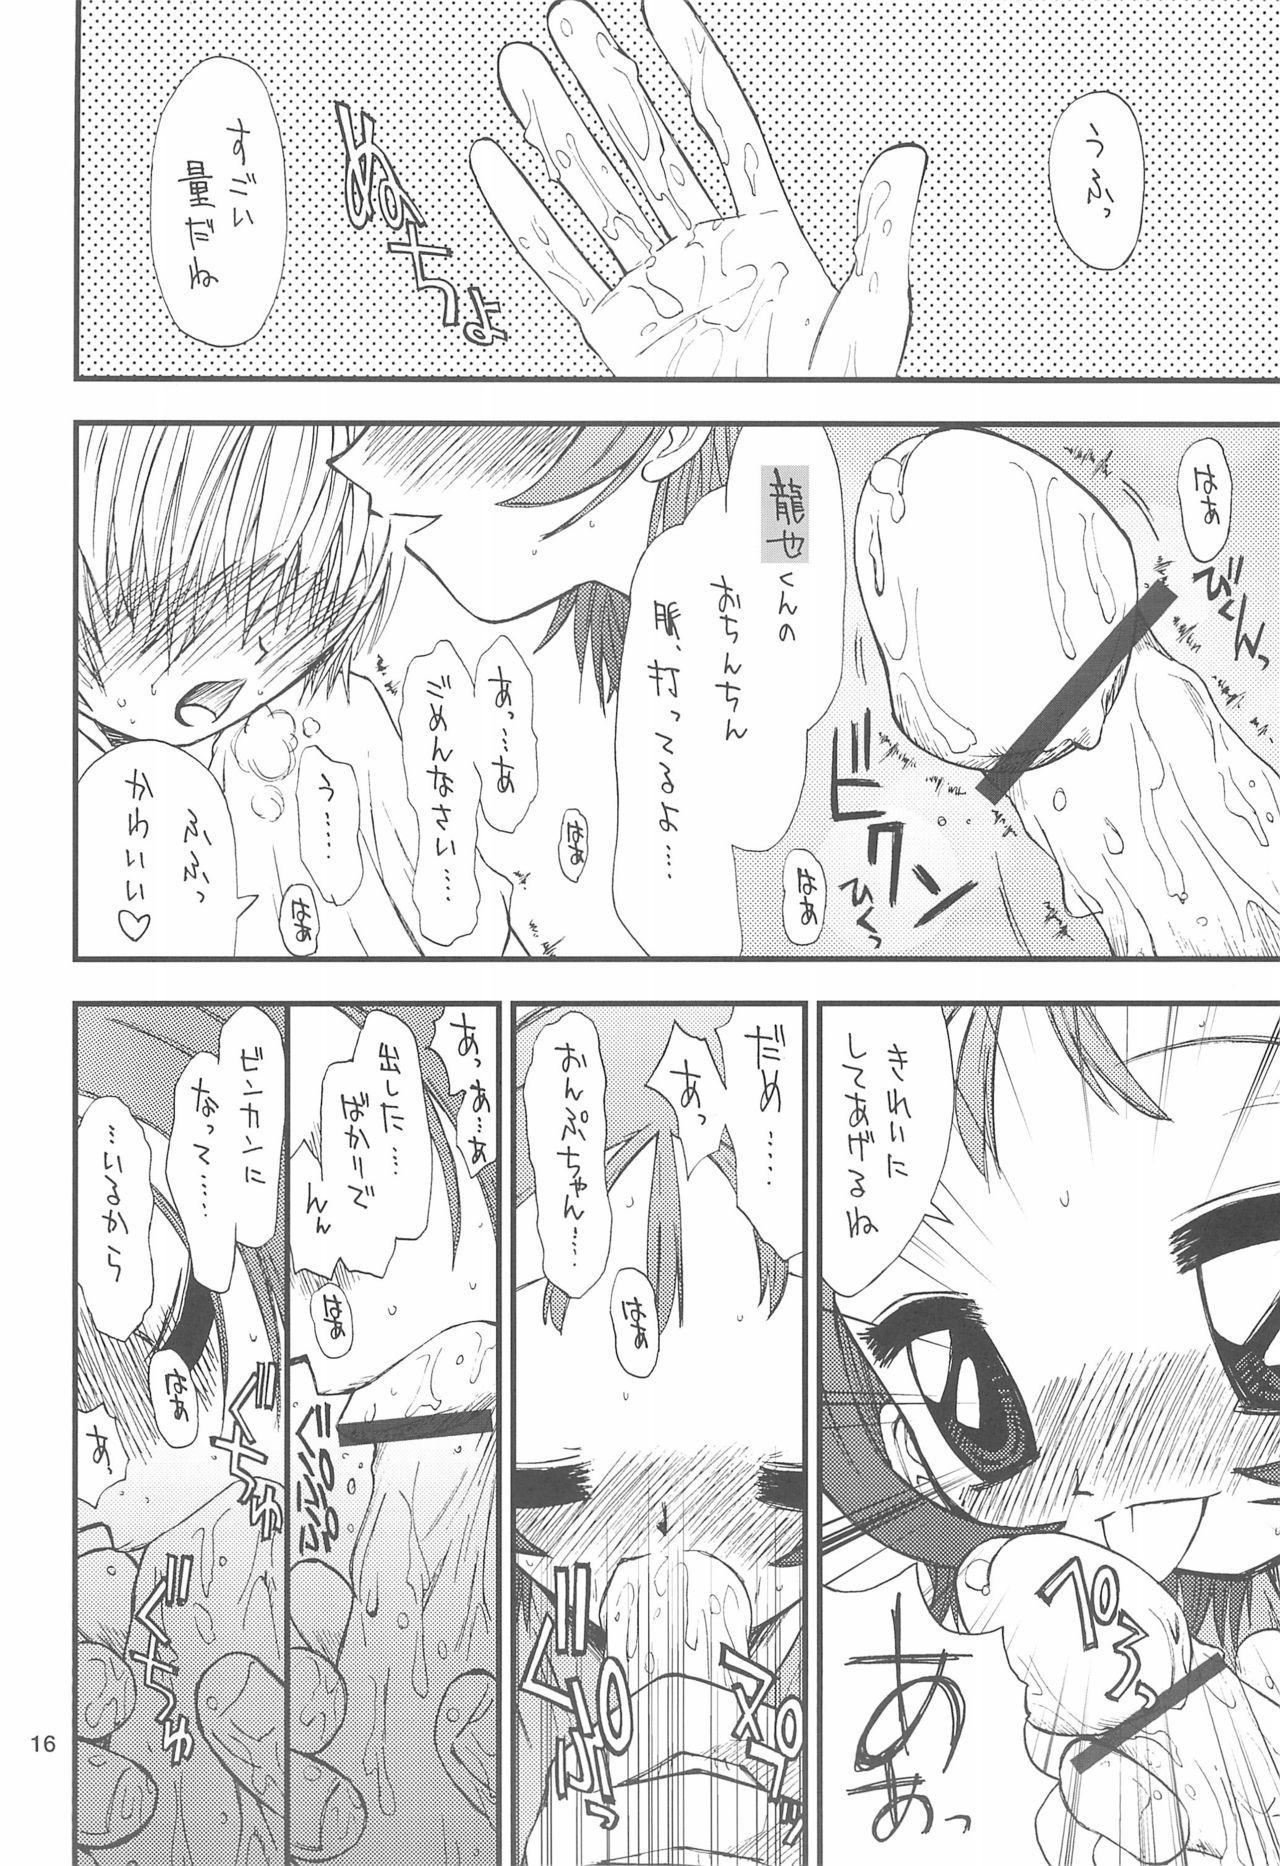 [Tokai Oohashi (Kari) (Ryu-ya)] Onpu-chan/Hana-chan (Ojamajo Doremi) 17